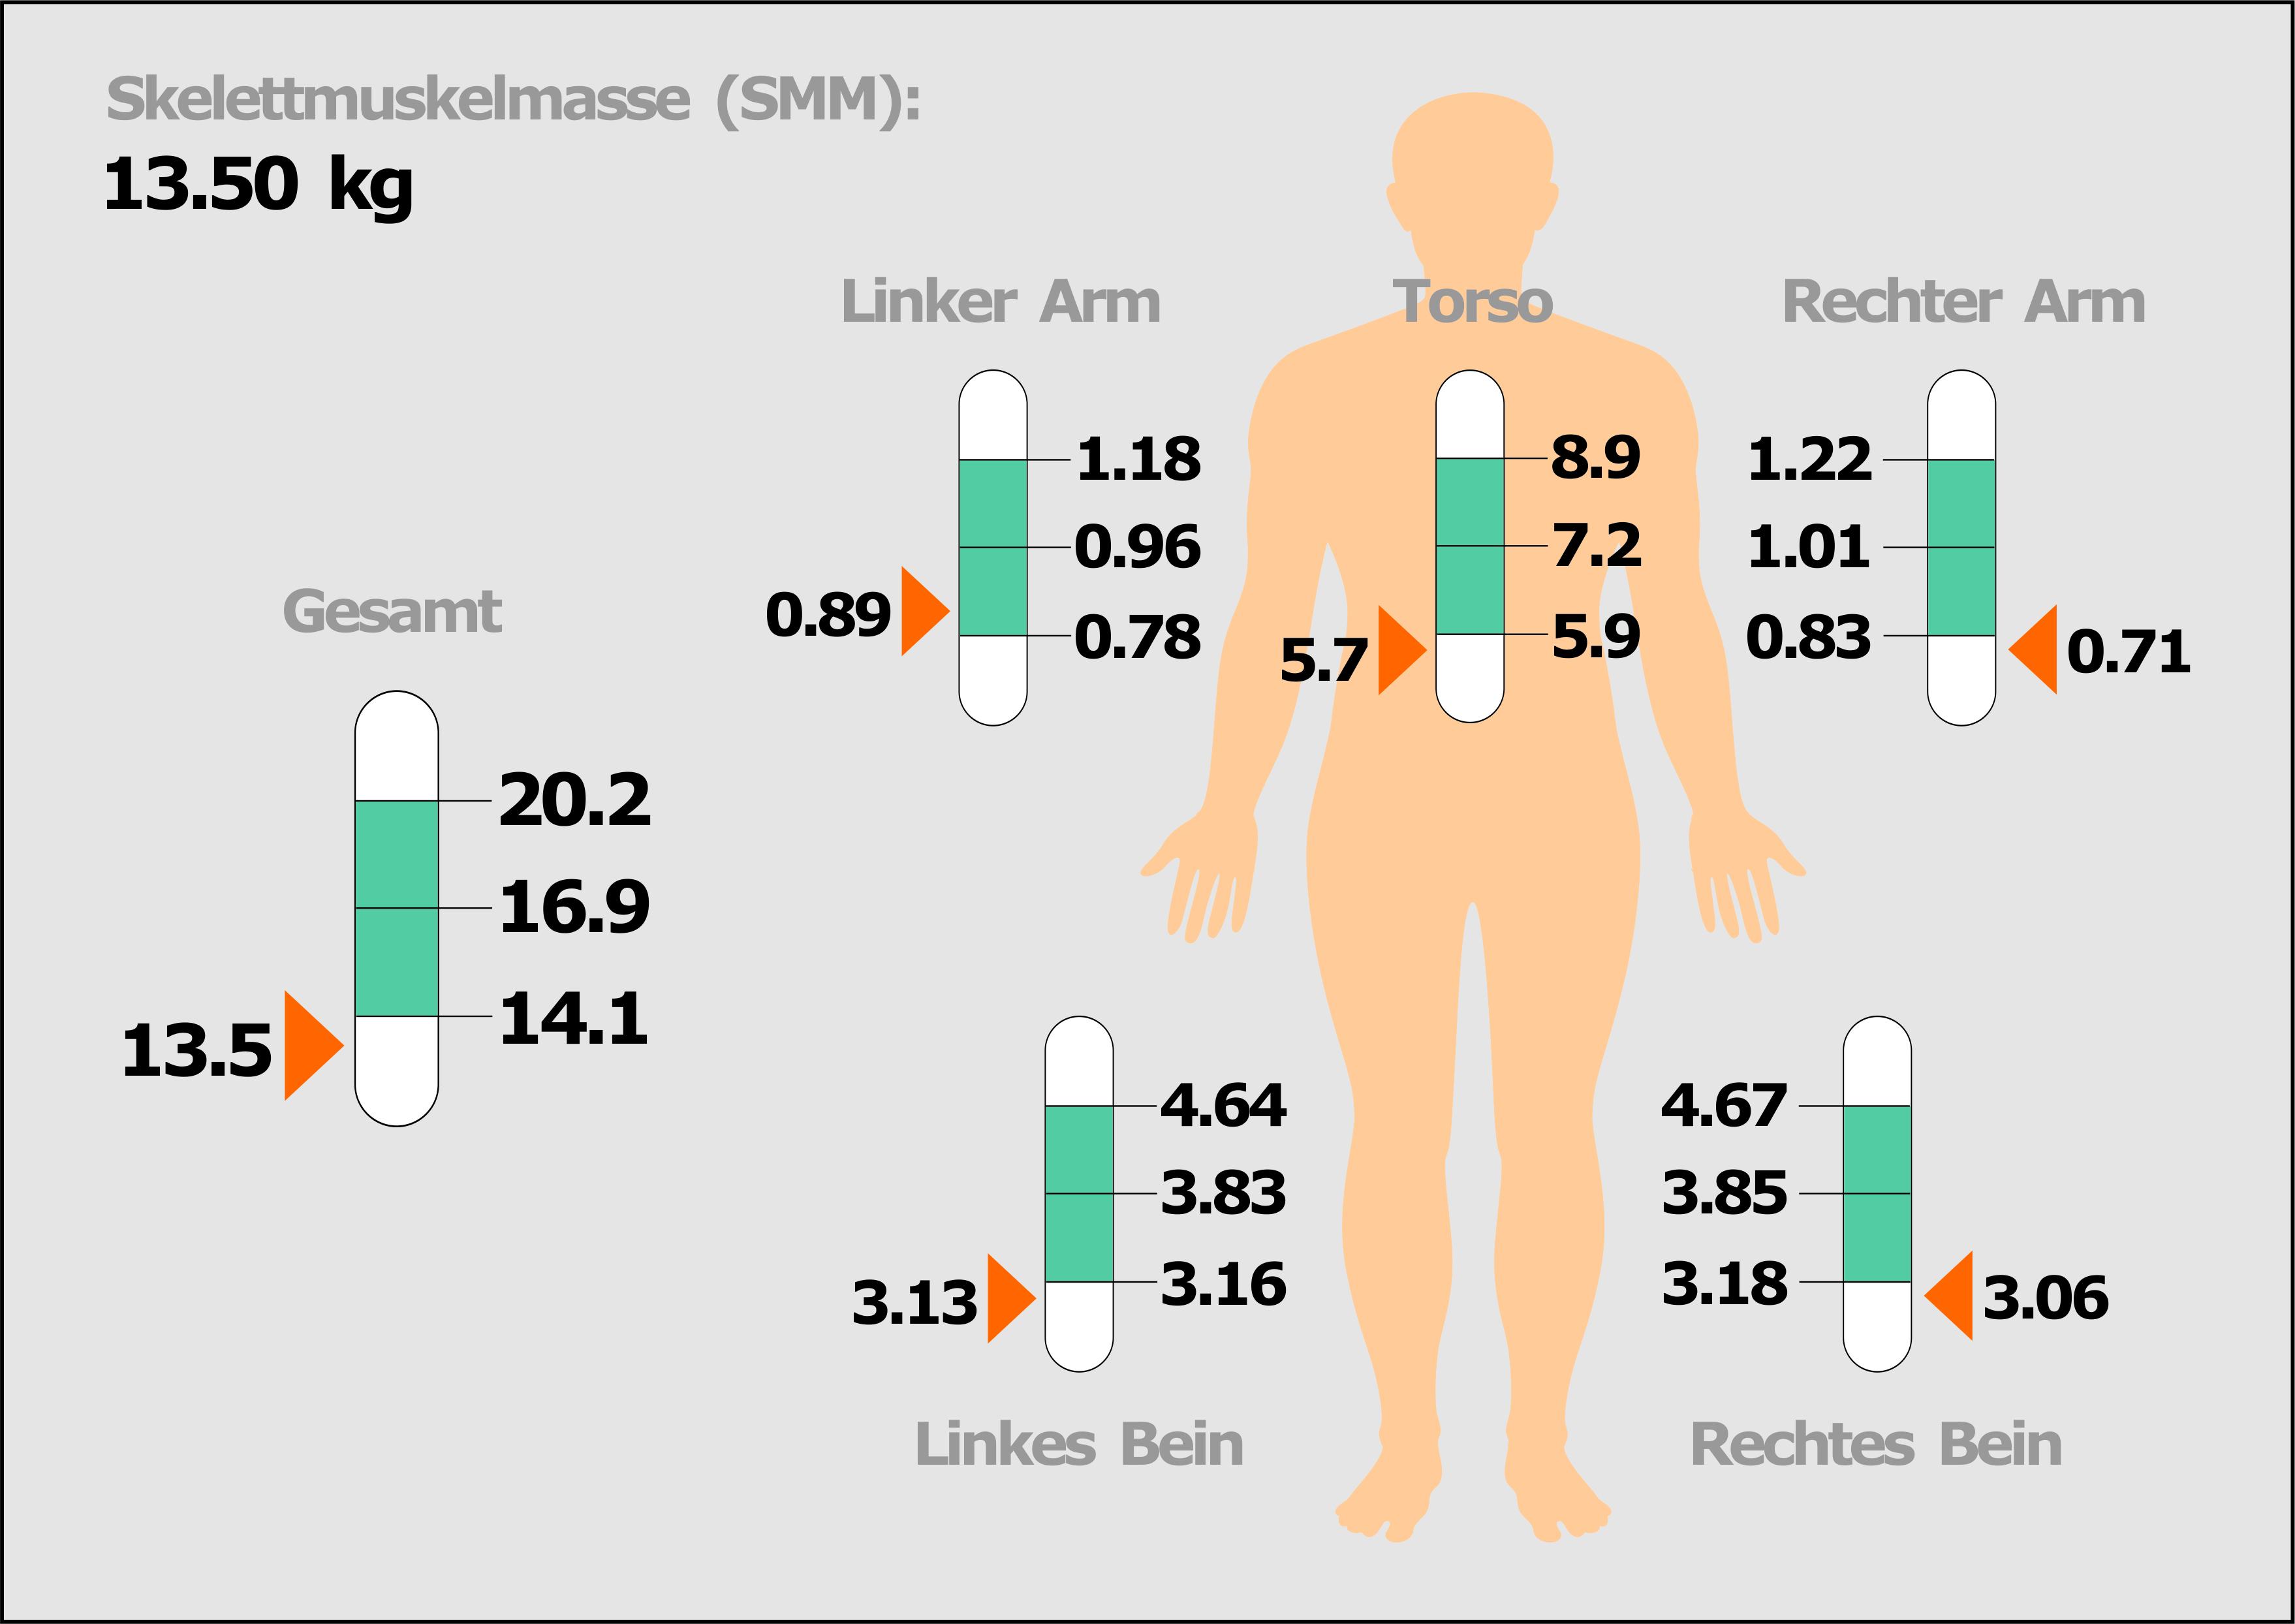 Schaubild Sklettmuskelmasse Mangelernährung bei COPD-Patienten